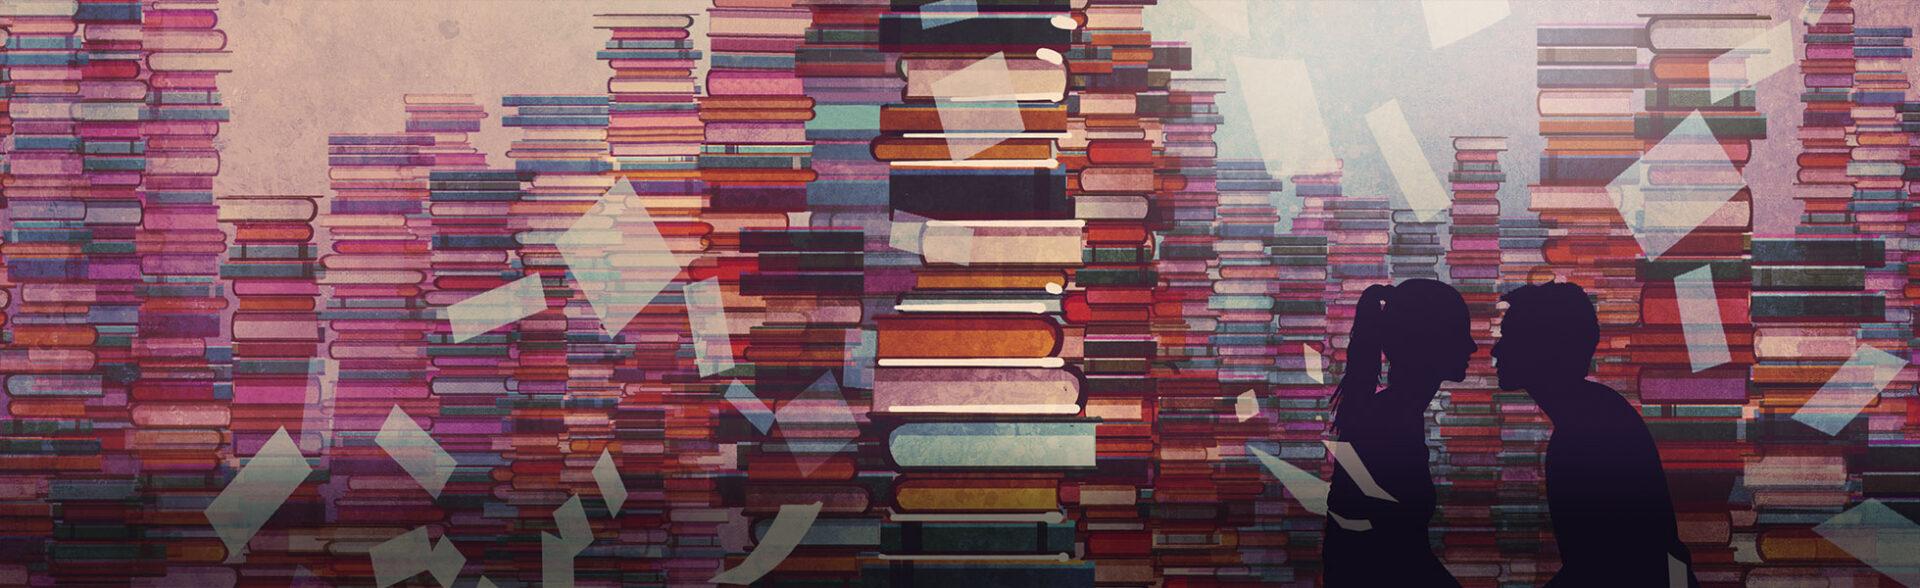 Meidenboeken - illustratie uit Library Kiss